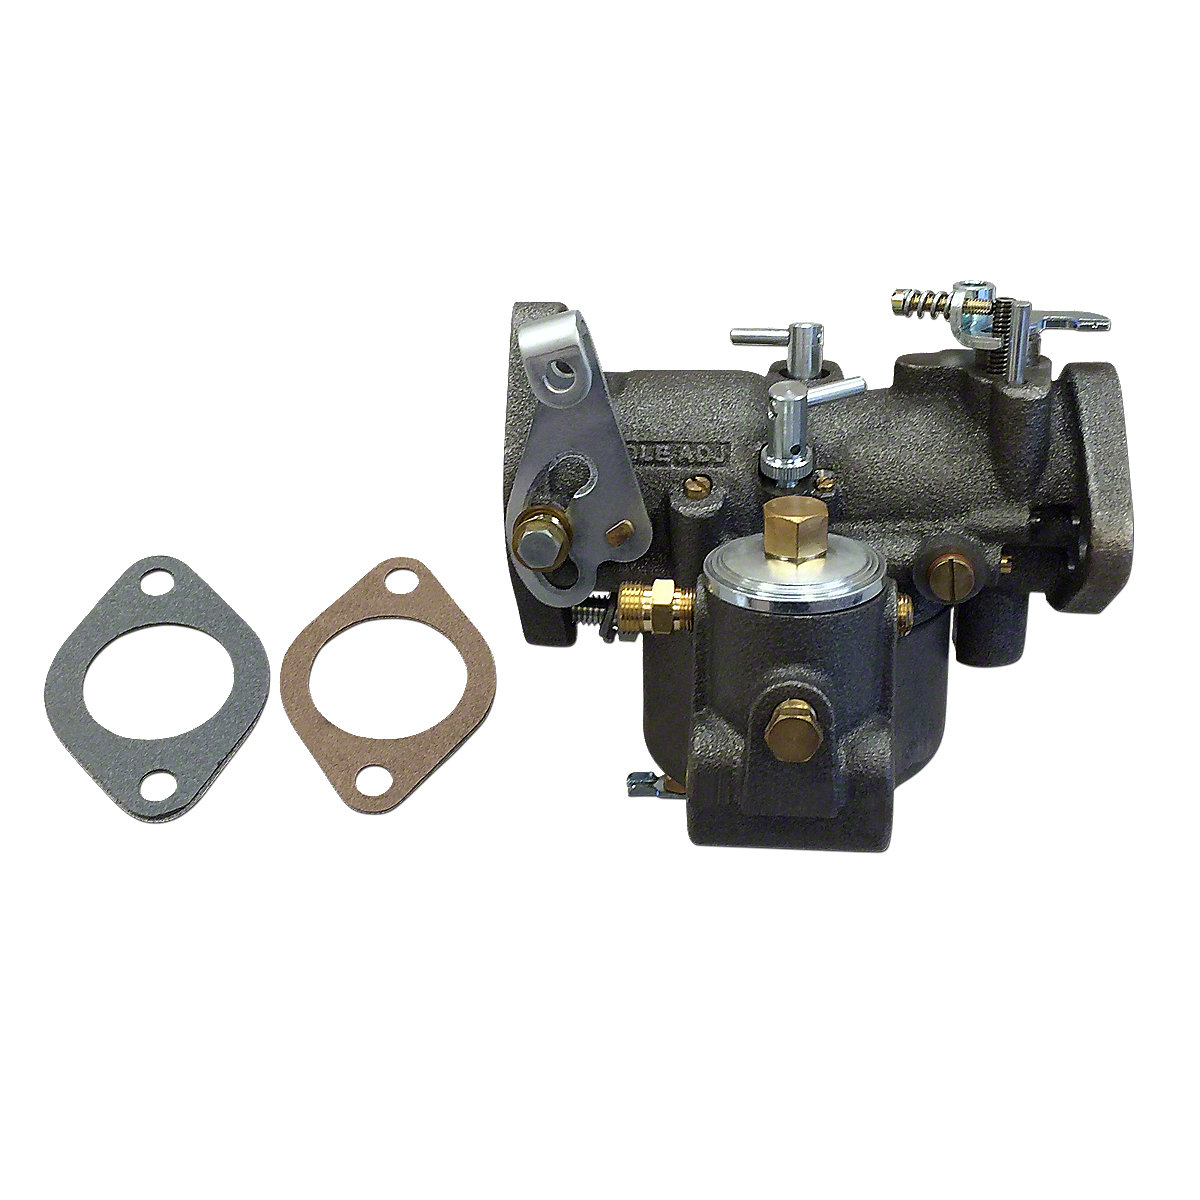 John Deere B Carburetor Dltx73 Model Engine Diagram